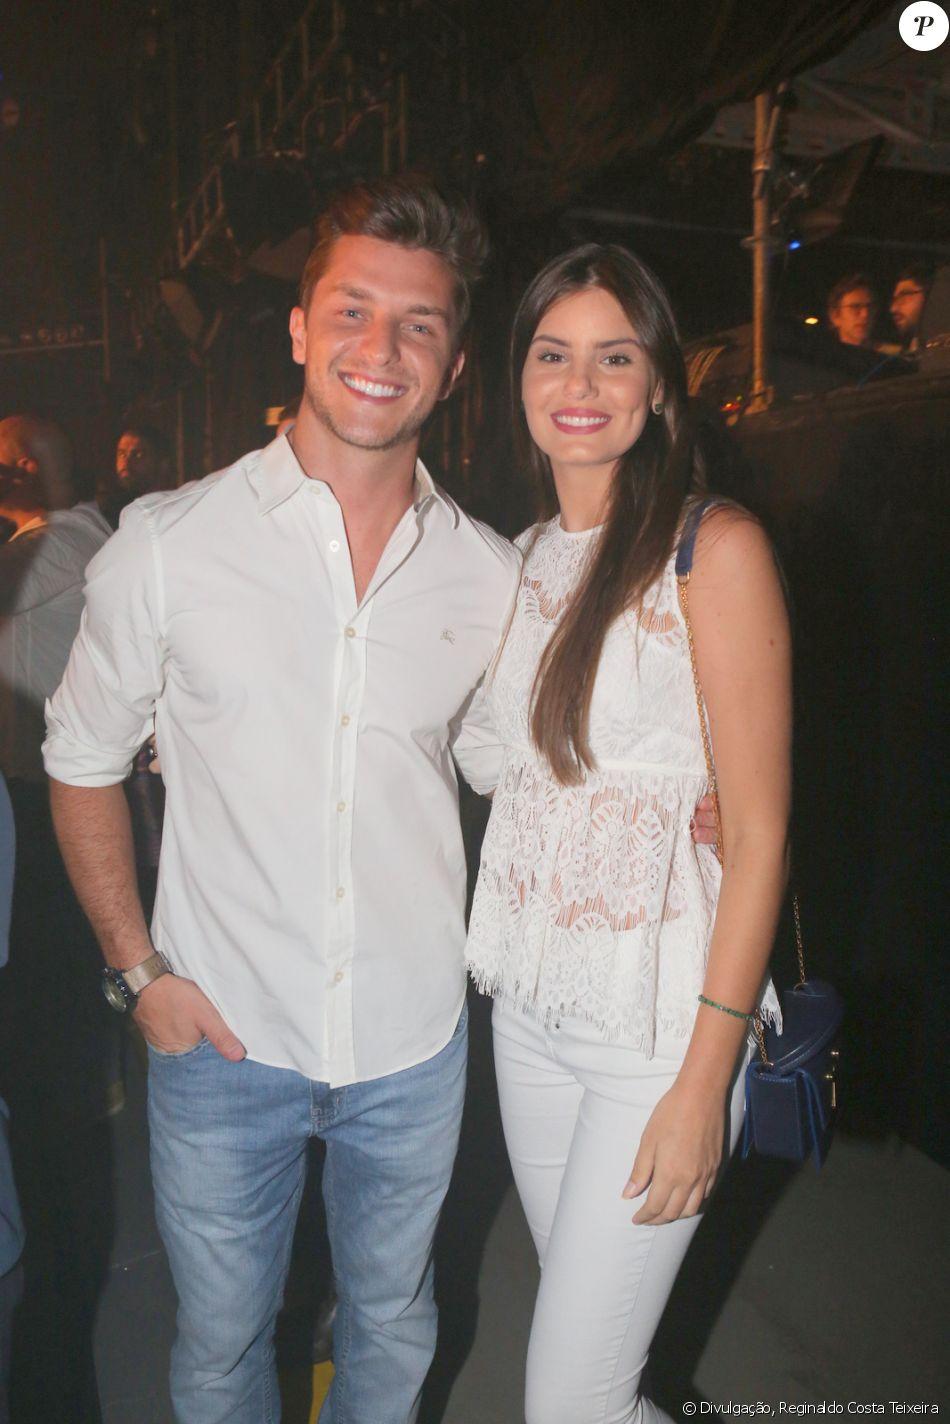 Camila Queiroz e Klebber Toledo curtem espetáculo 'Fuerza Bruta' no Rio de Janeiro, nesta sexta-feira, 6 de janeiro de 2016